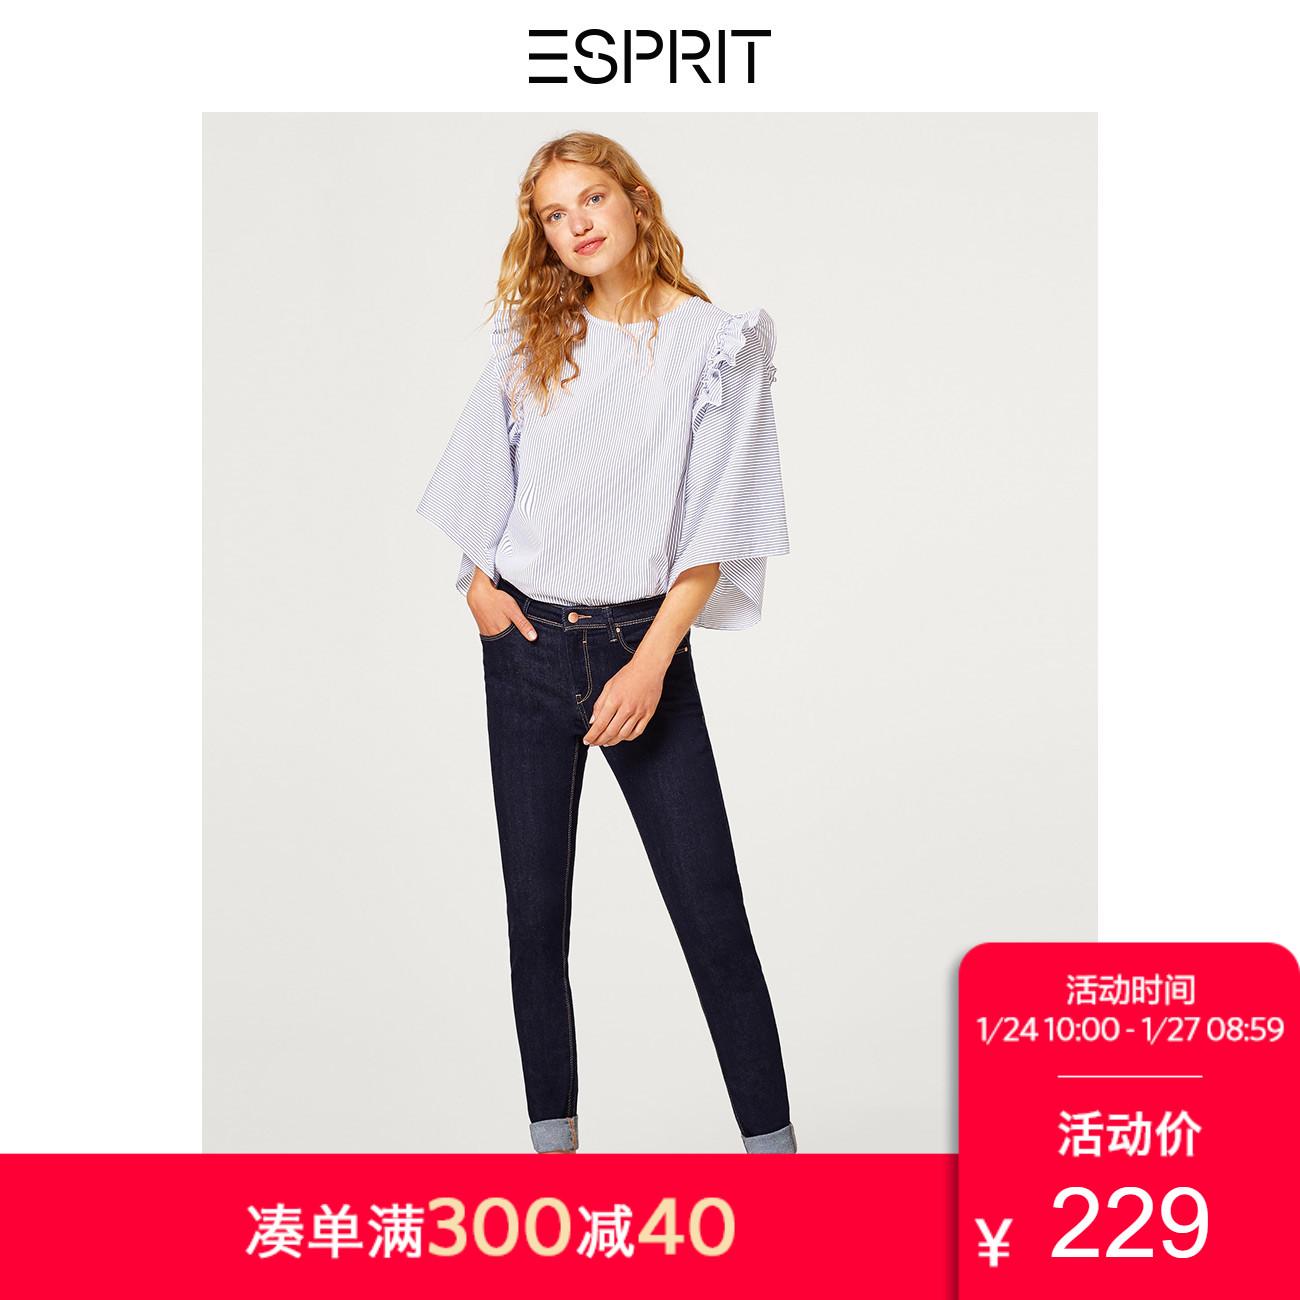 ESPRIT 女装秋时尚纽扣修身休闲长裤简约牛仔裤-088EE1B056